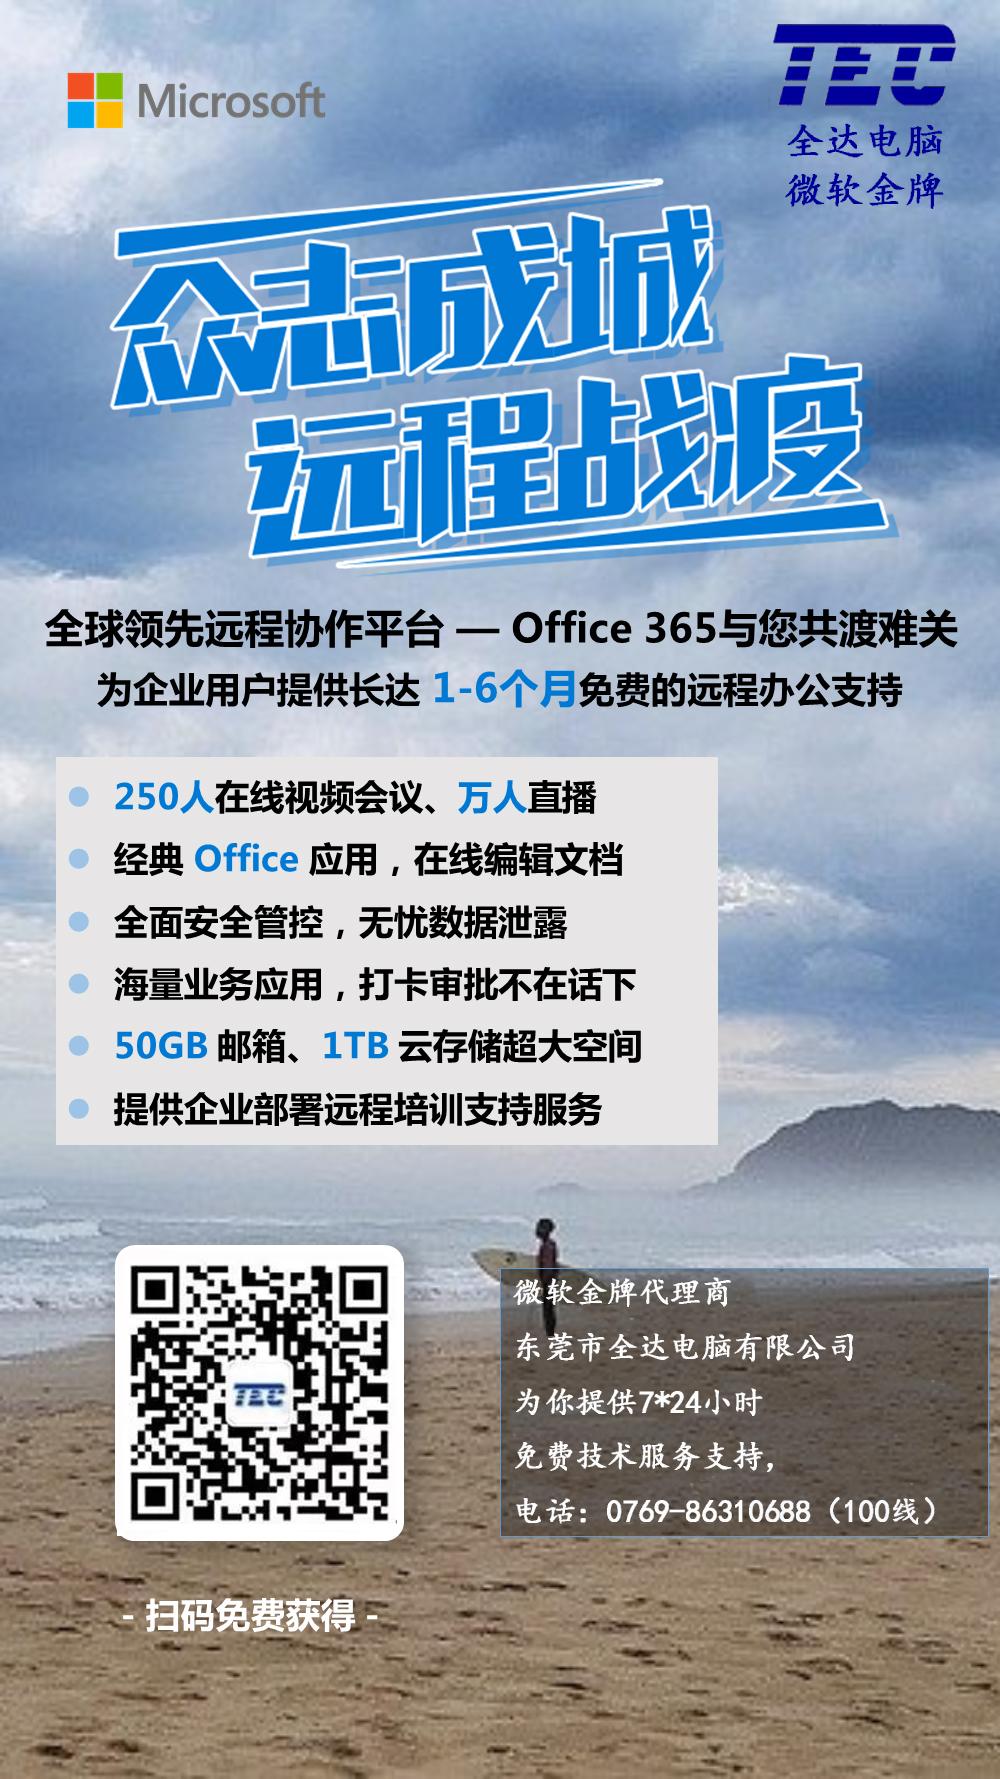 远程战疫- O365为企业用户免费提供长达1-6个月的远程办公支持-副本